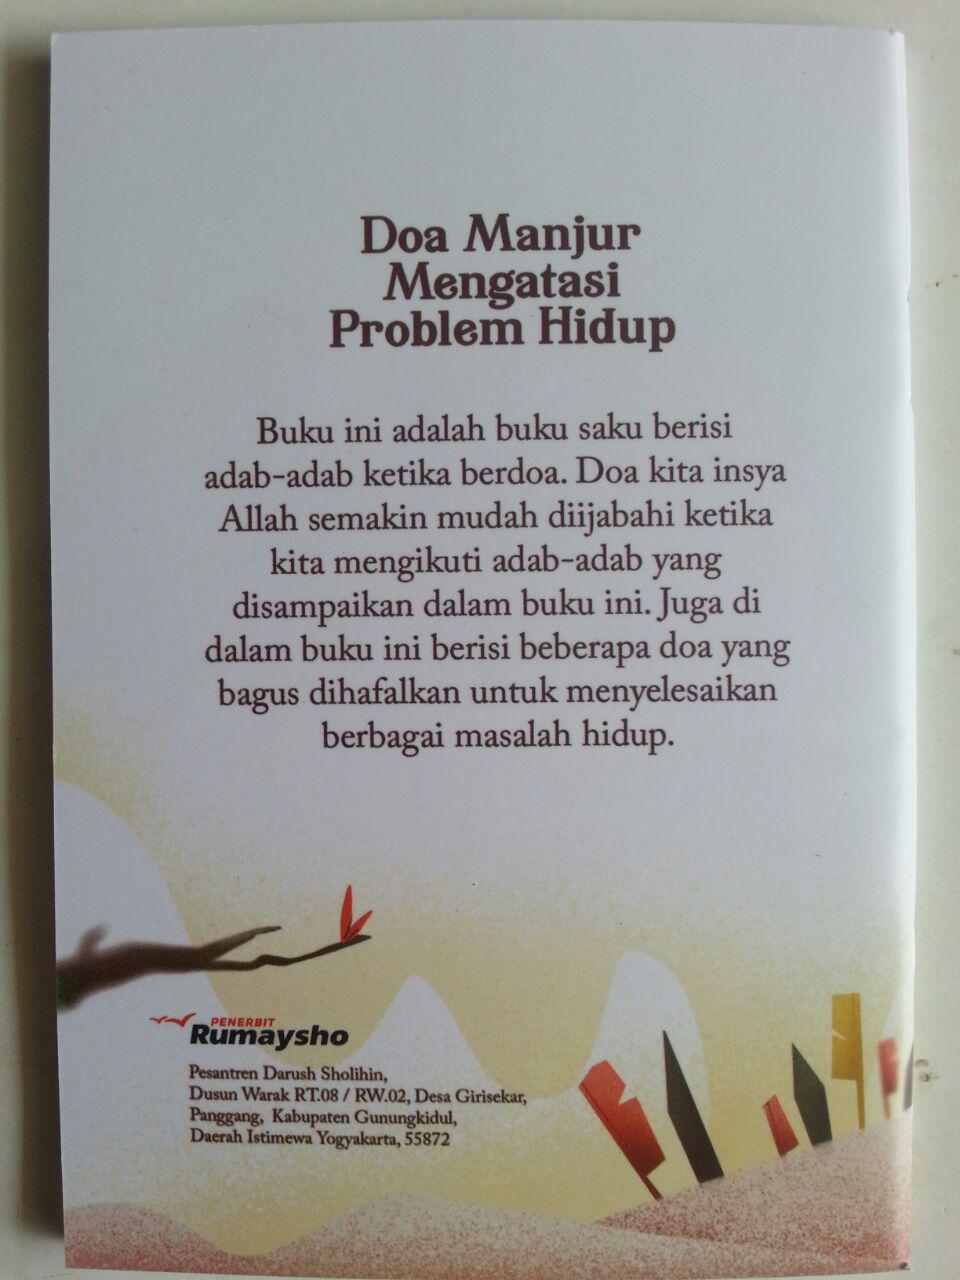 Buku Saku Doa Manjur Mengatasi Problem Hidup cover